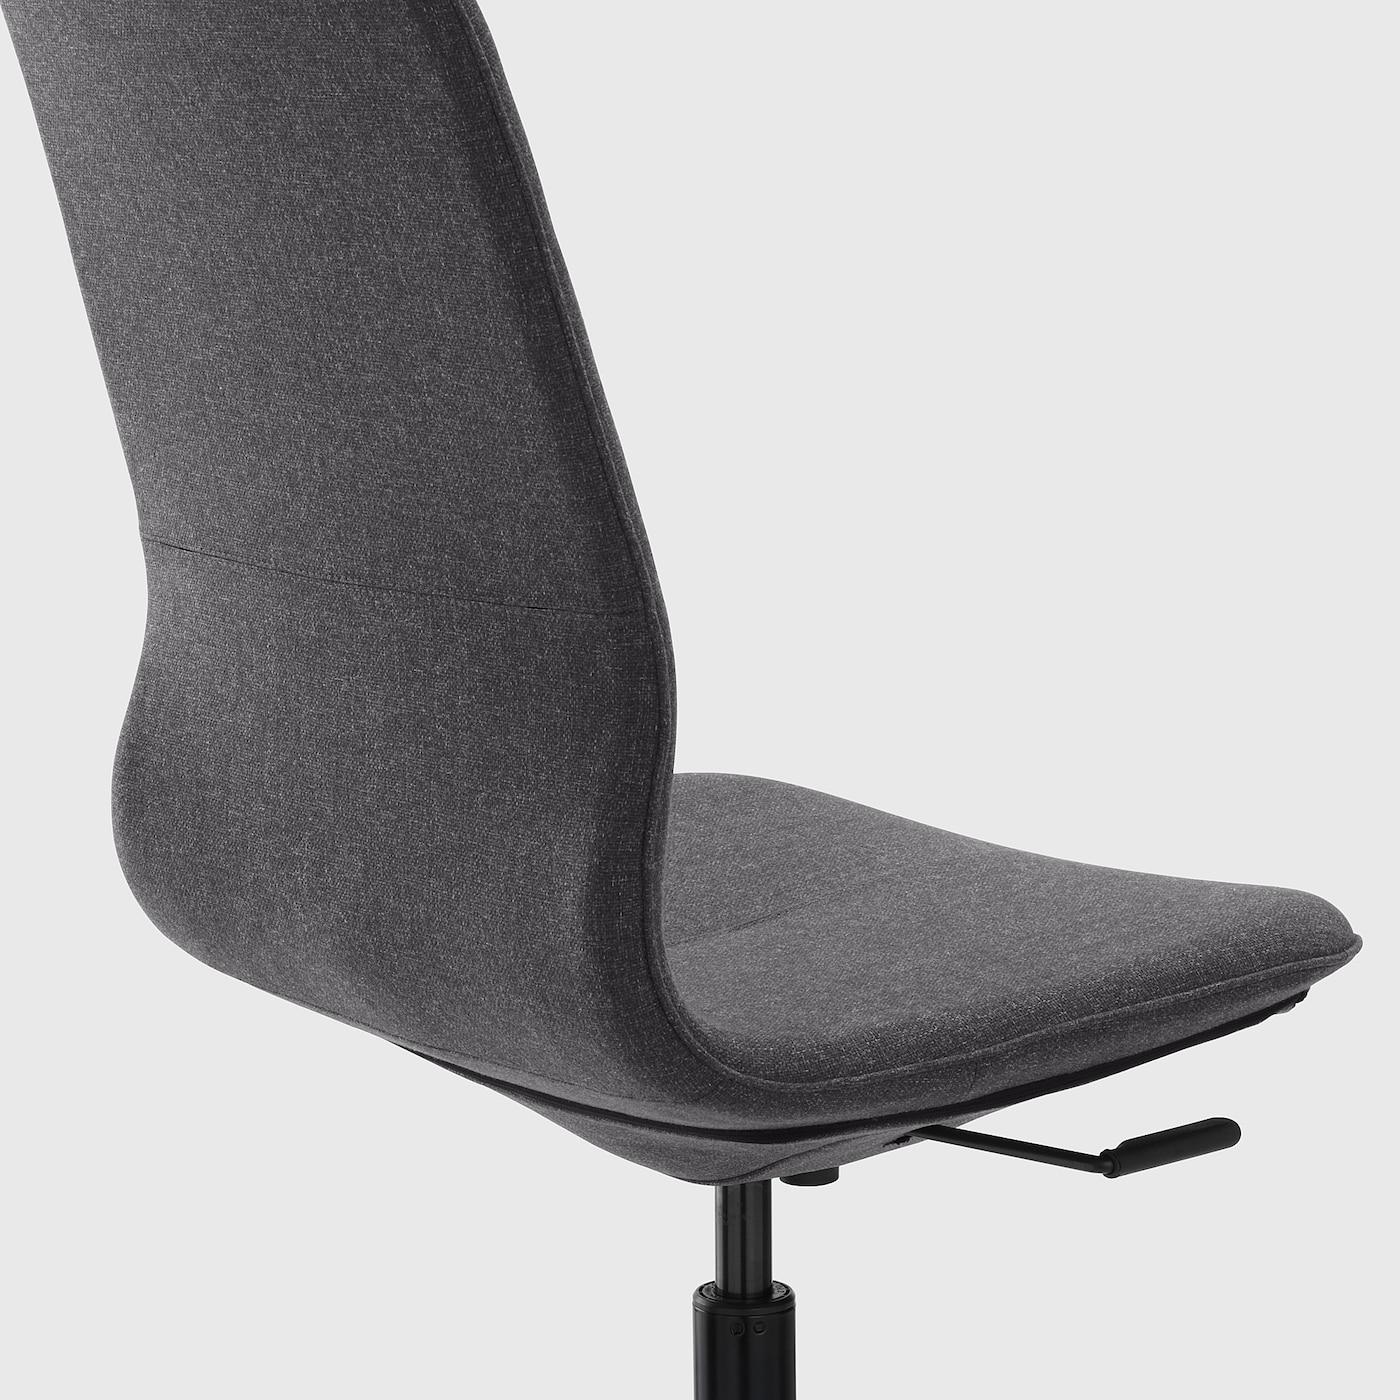 LÅNGFJÄLL Office chair Gunnared dark grey, black